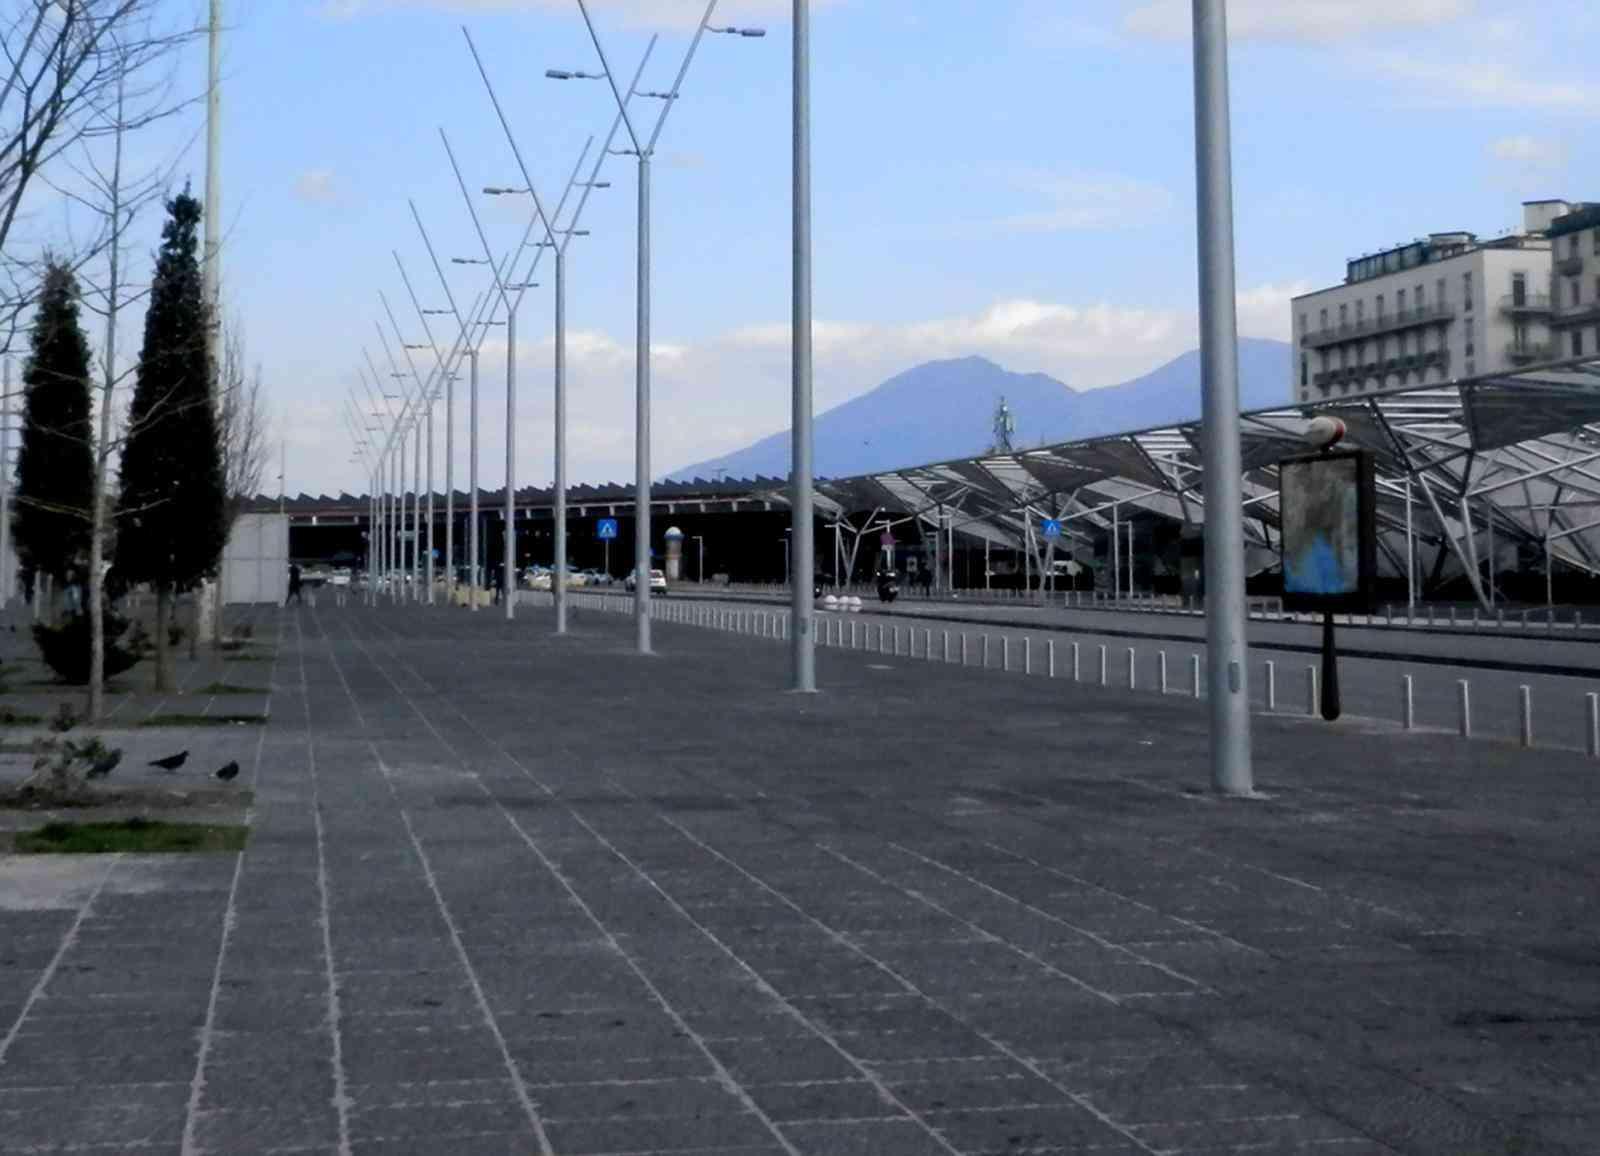 Piazza Garibaldi coronavirus - neomag.